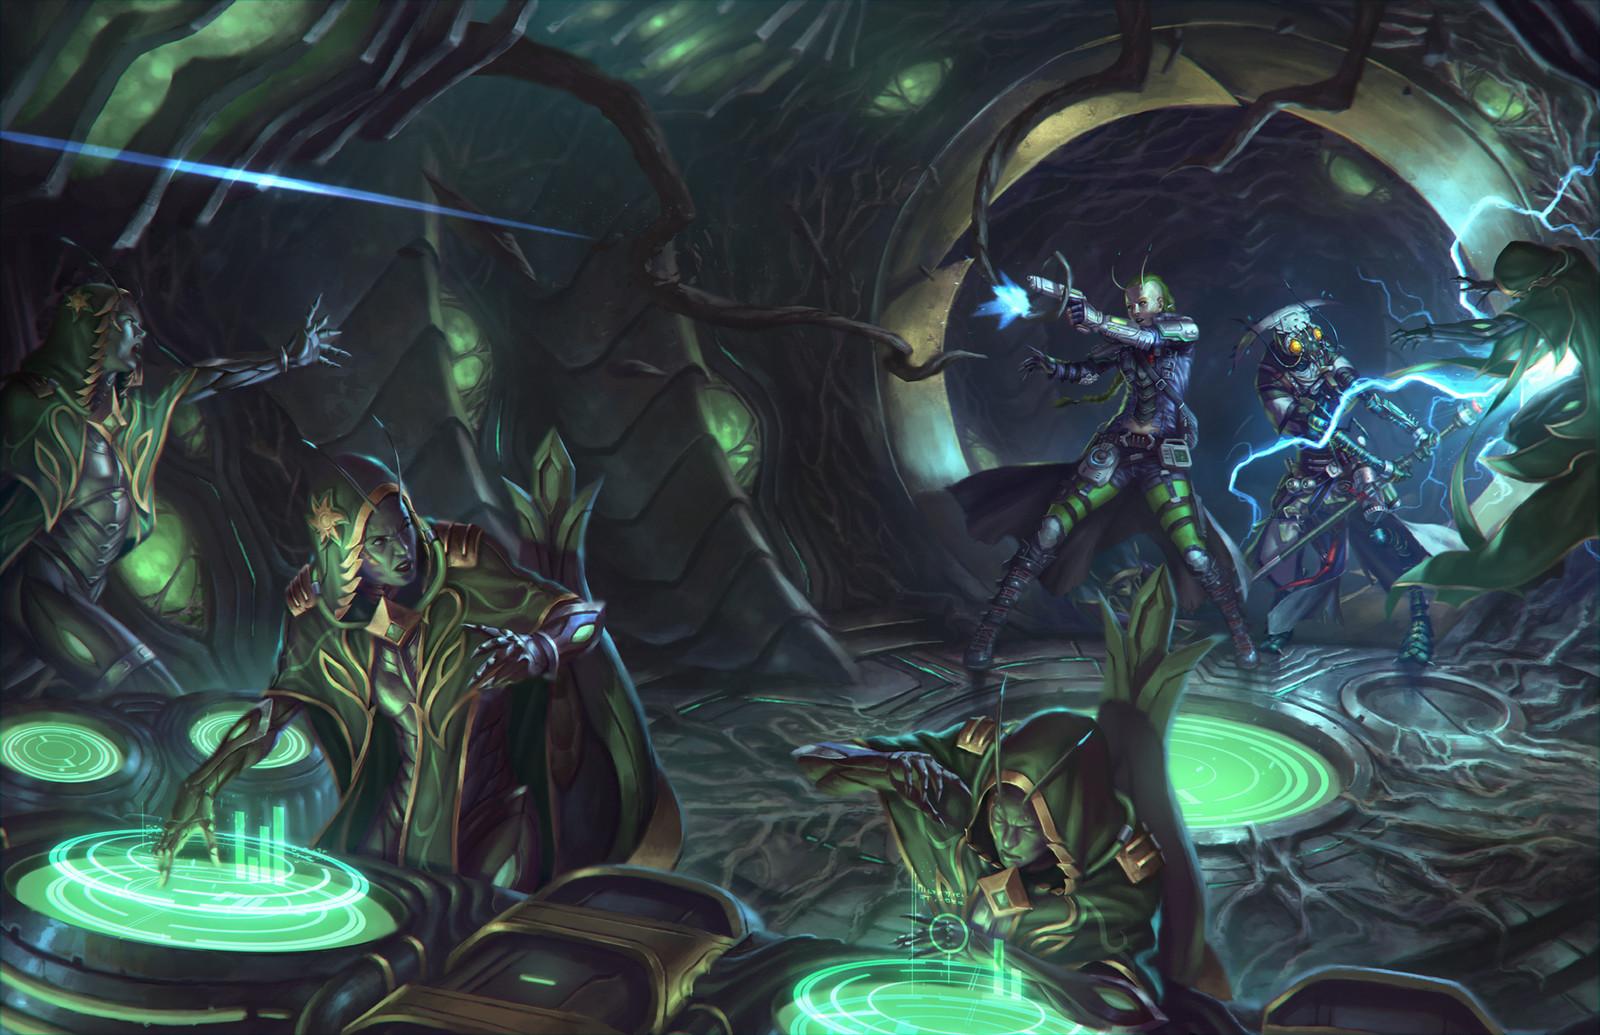 Starfinder - bioship